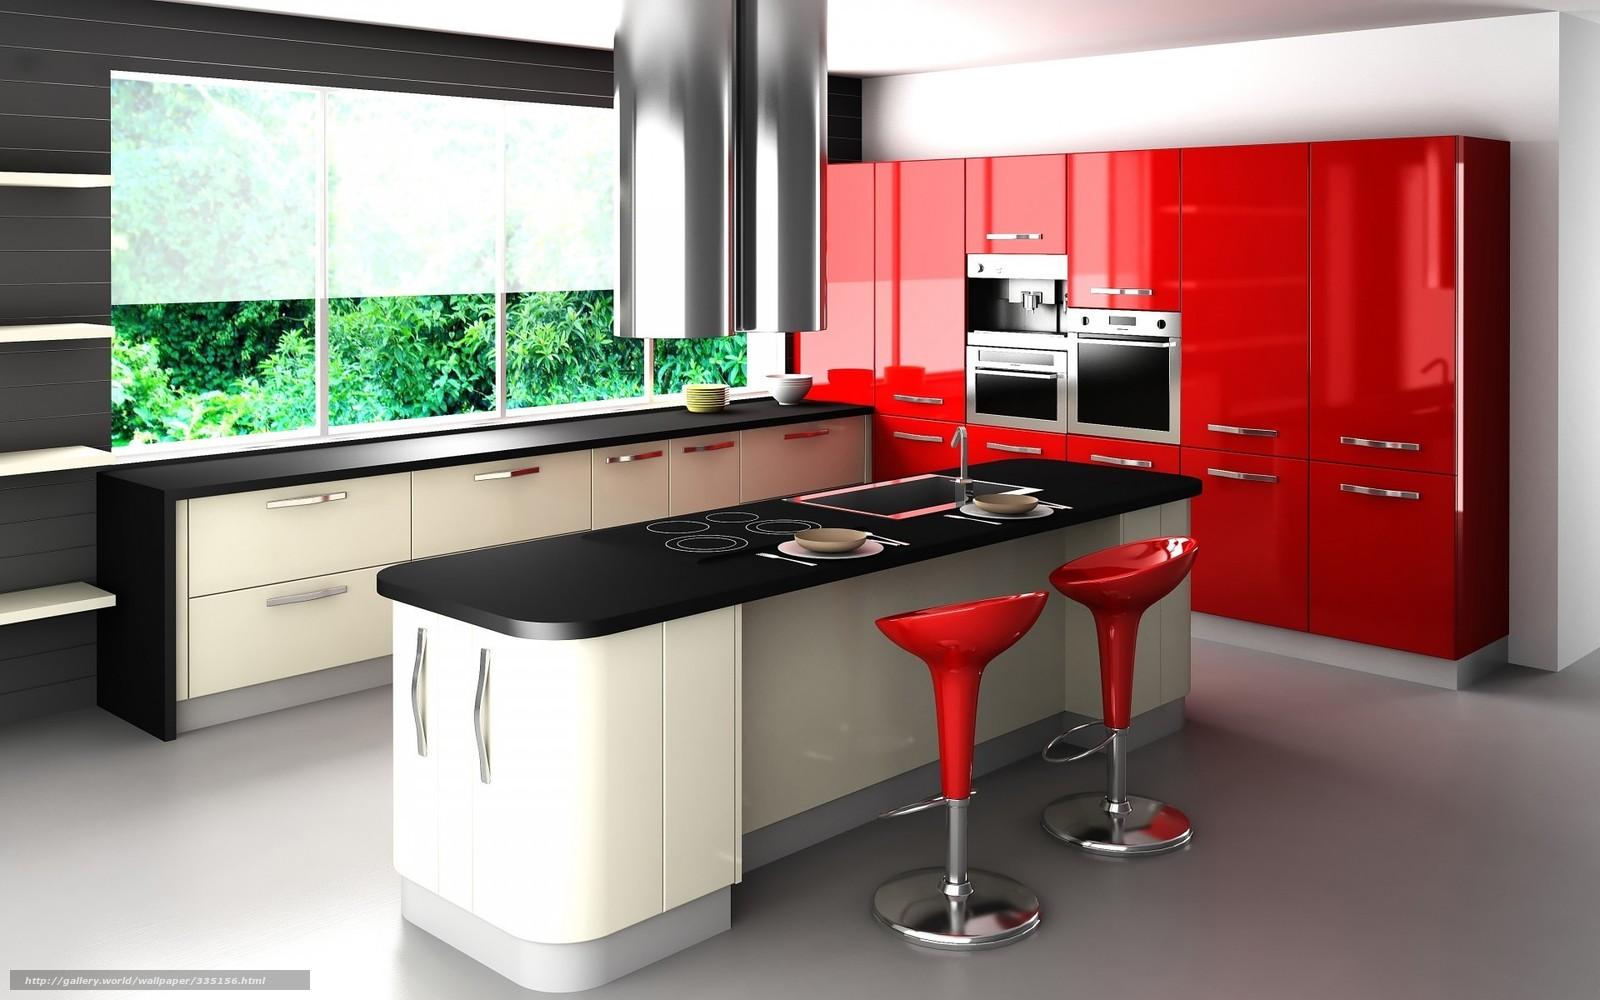 Sillas Para Cocinas Modernas. Simple Sillas Para Cocinas Modernas ...